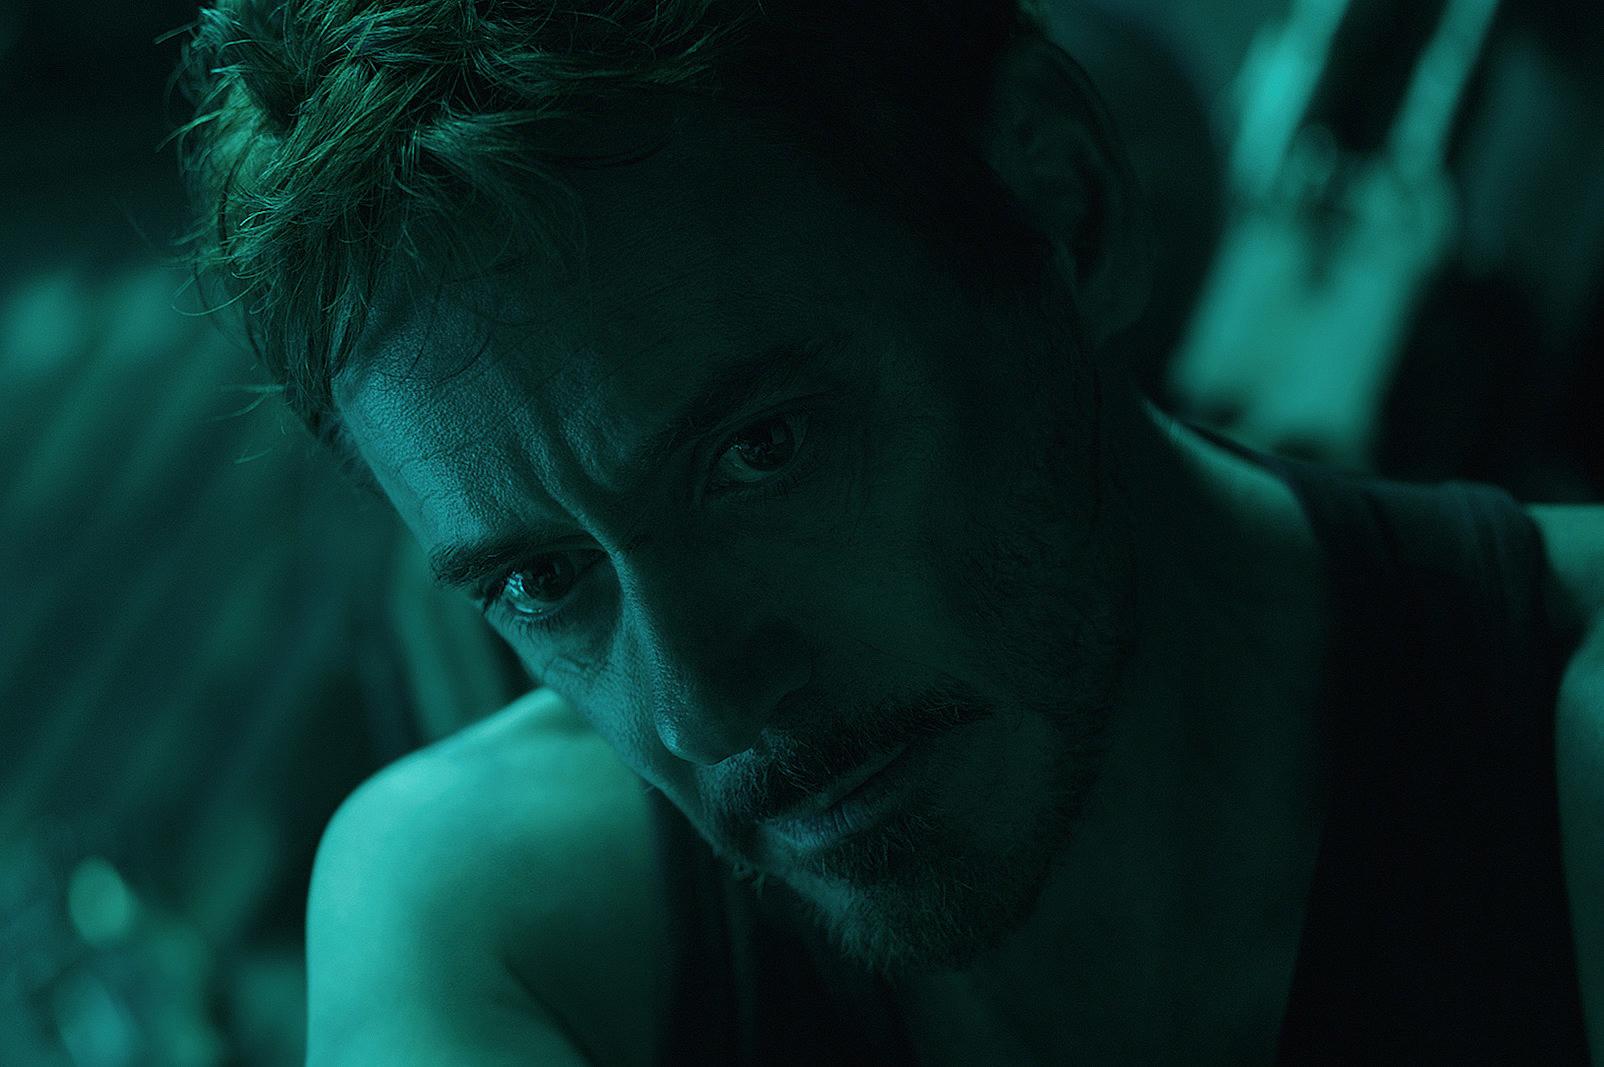 10. Tony Stark